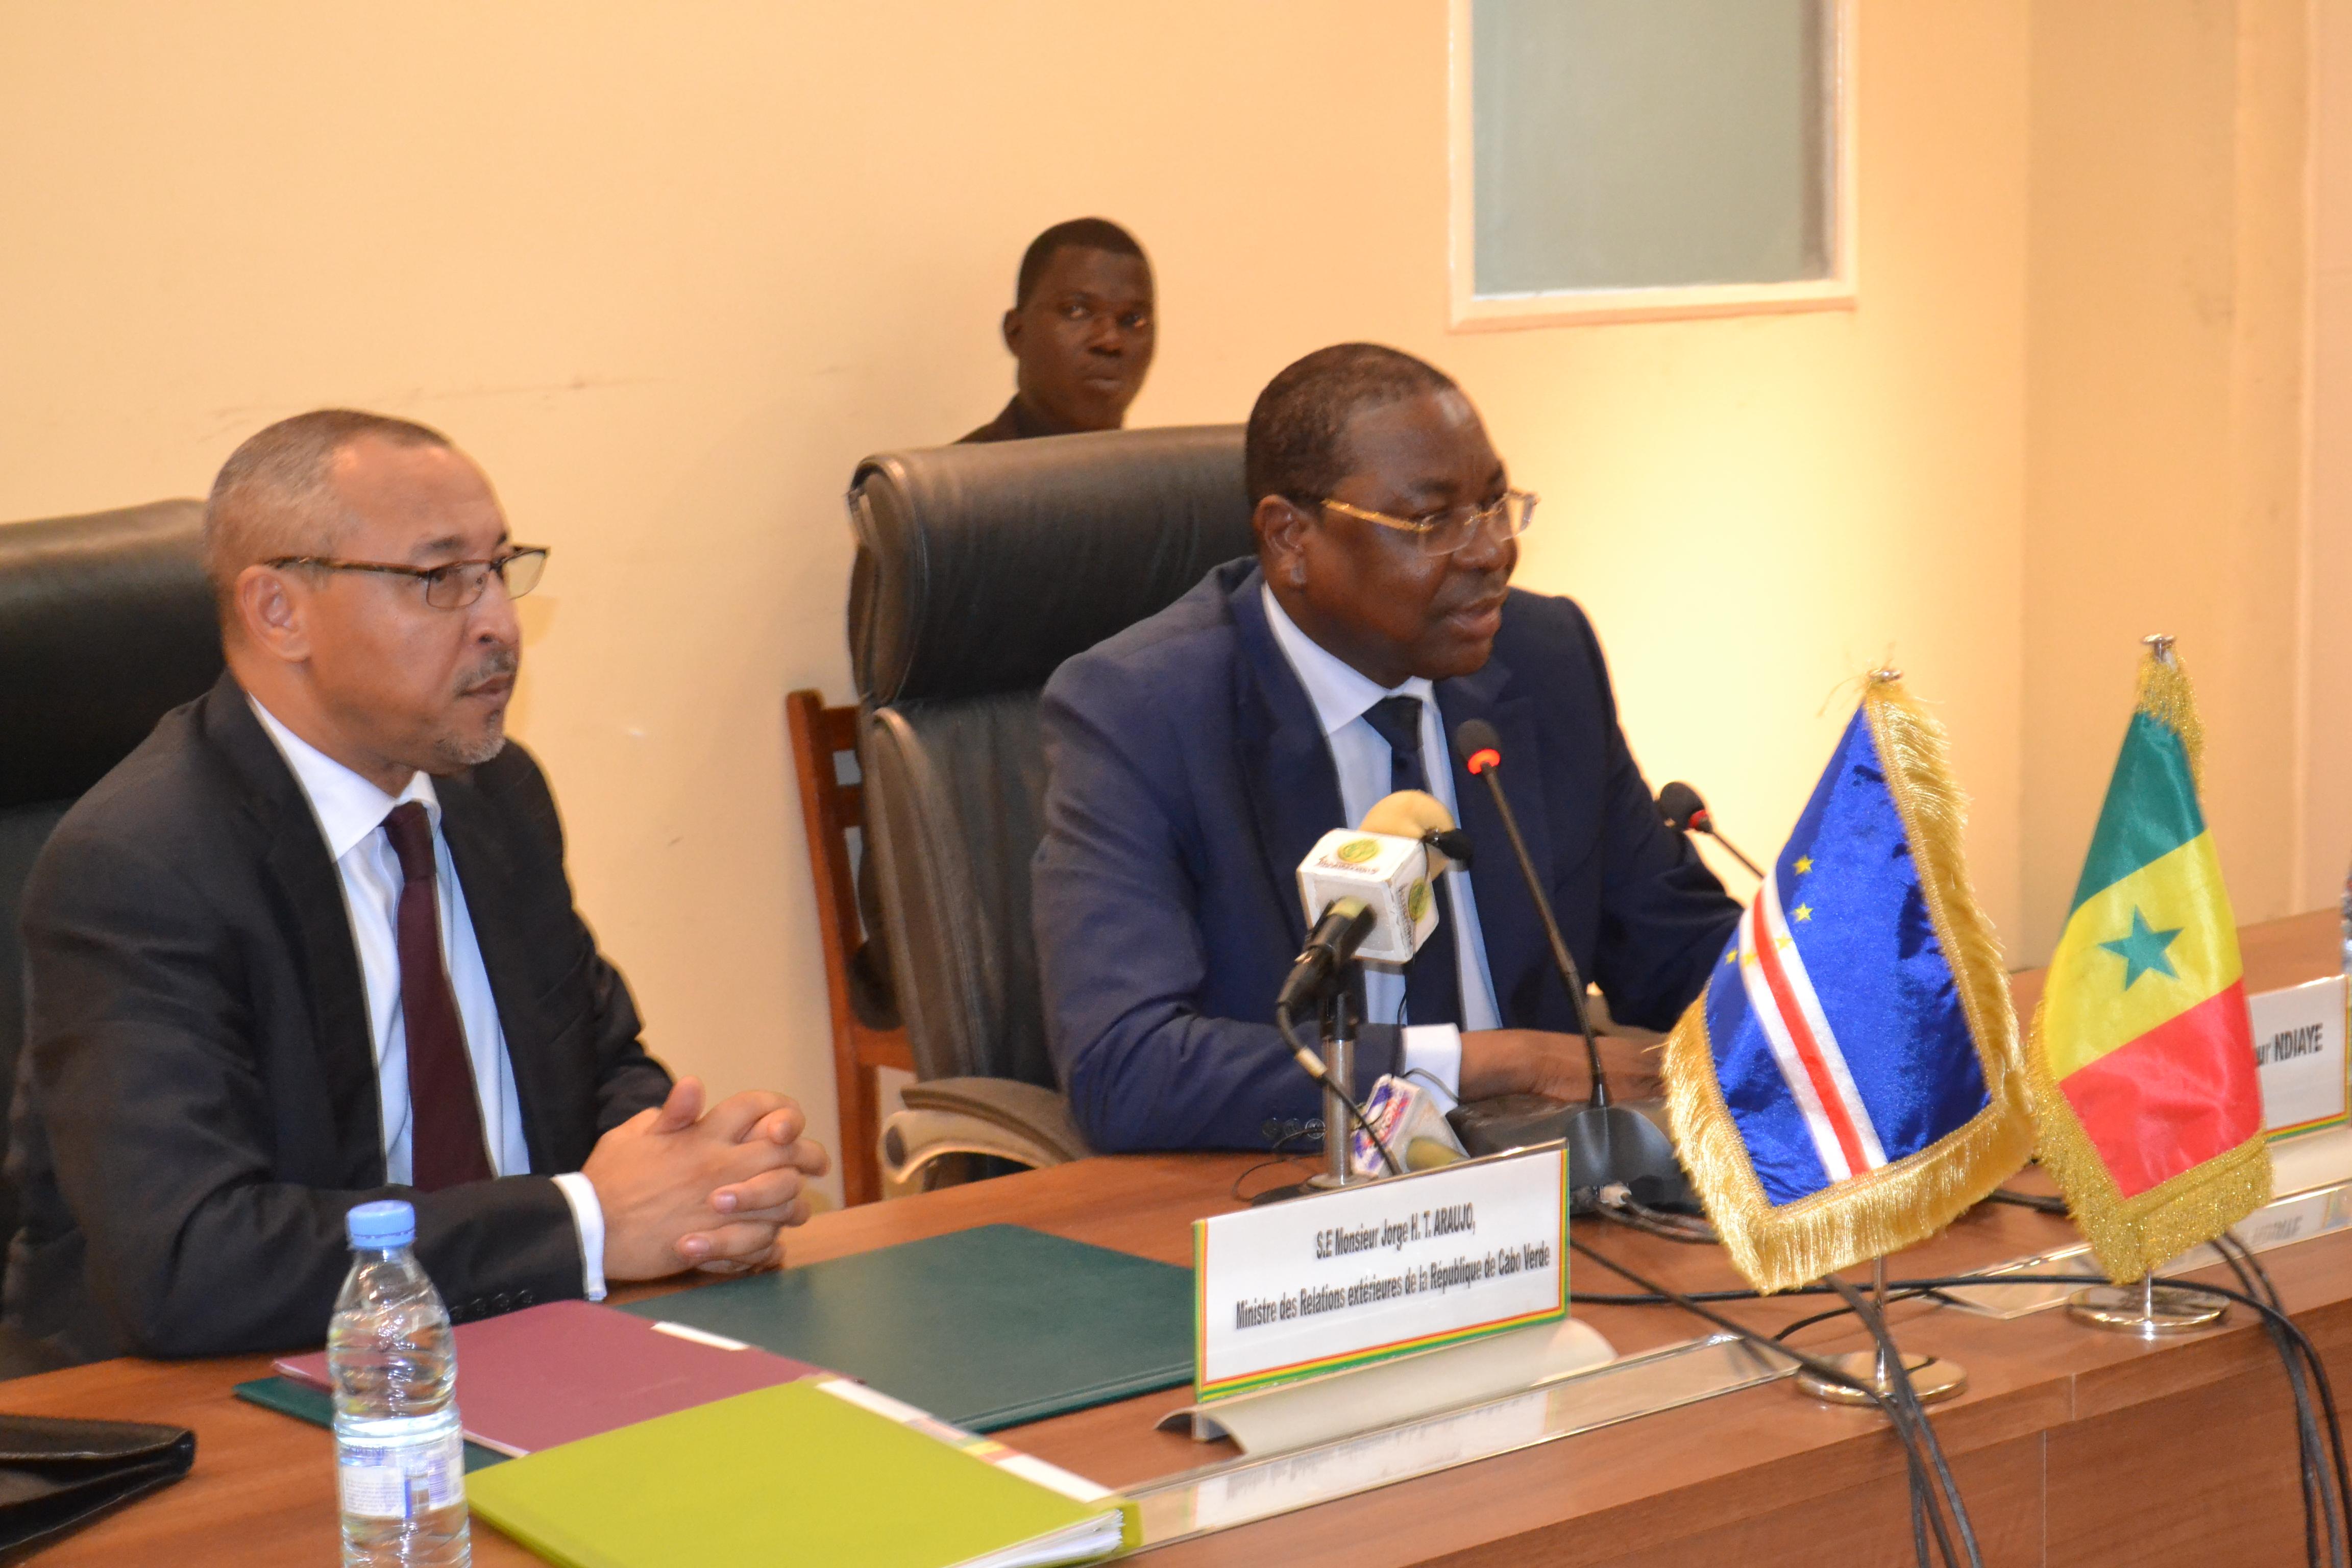 Cap-vert-Sénégal: Vers l'ouverture d'une liaison maritime directe entre les deux pays